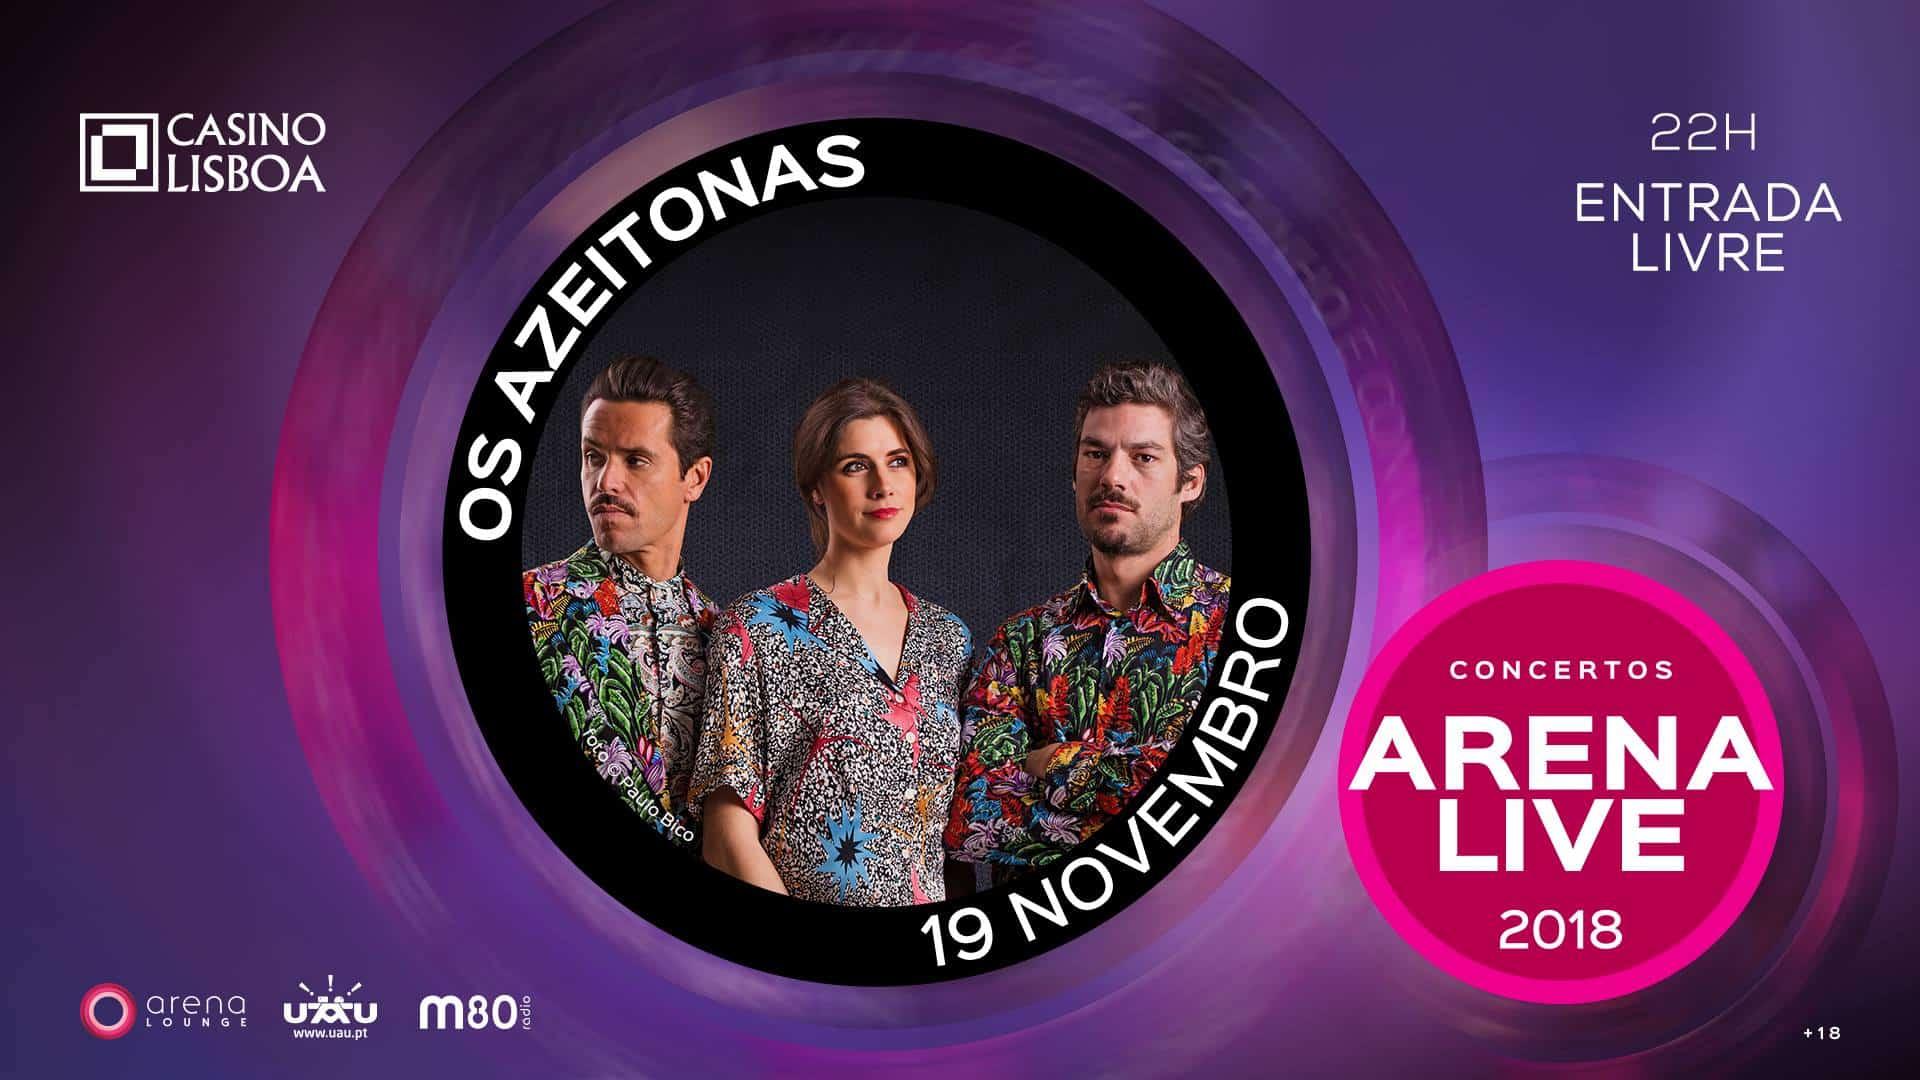 Os Azeitonas são a próxima banda a atuar no Casino Lisboa. Com o Arena Lounge sucessivamente esgotado